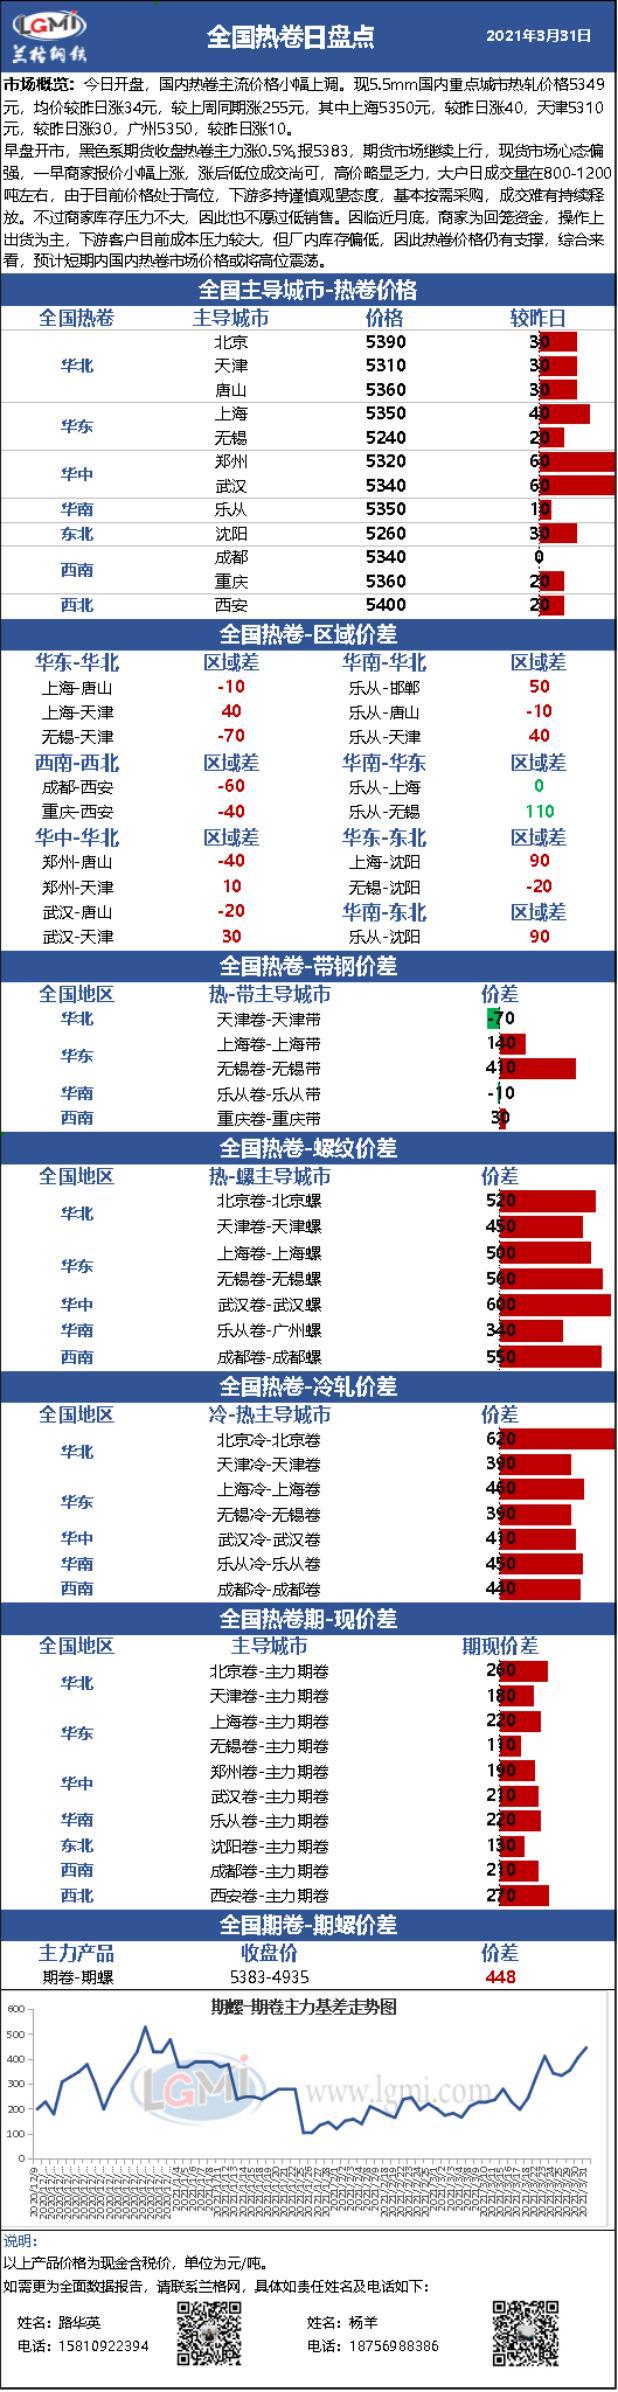 兰格热轧卷板日盘点(3.31):价格小幅上涨 短期高位震荡